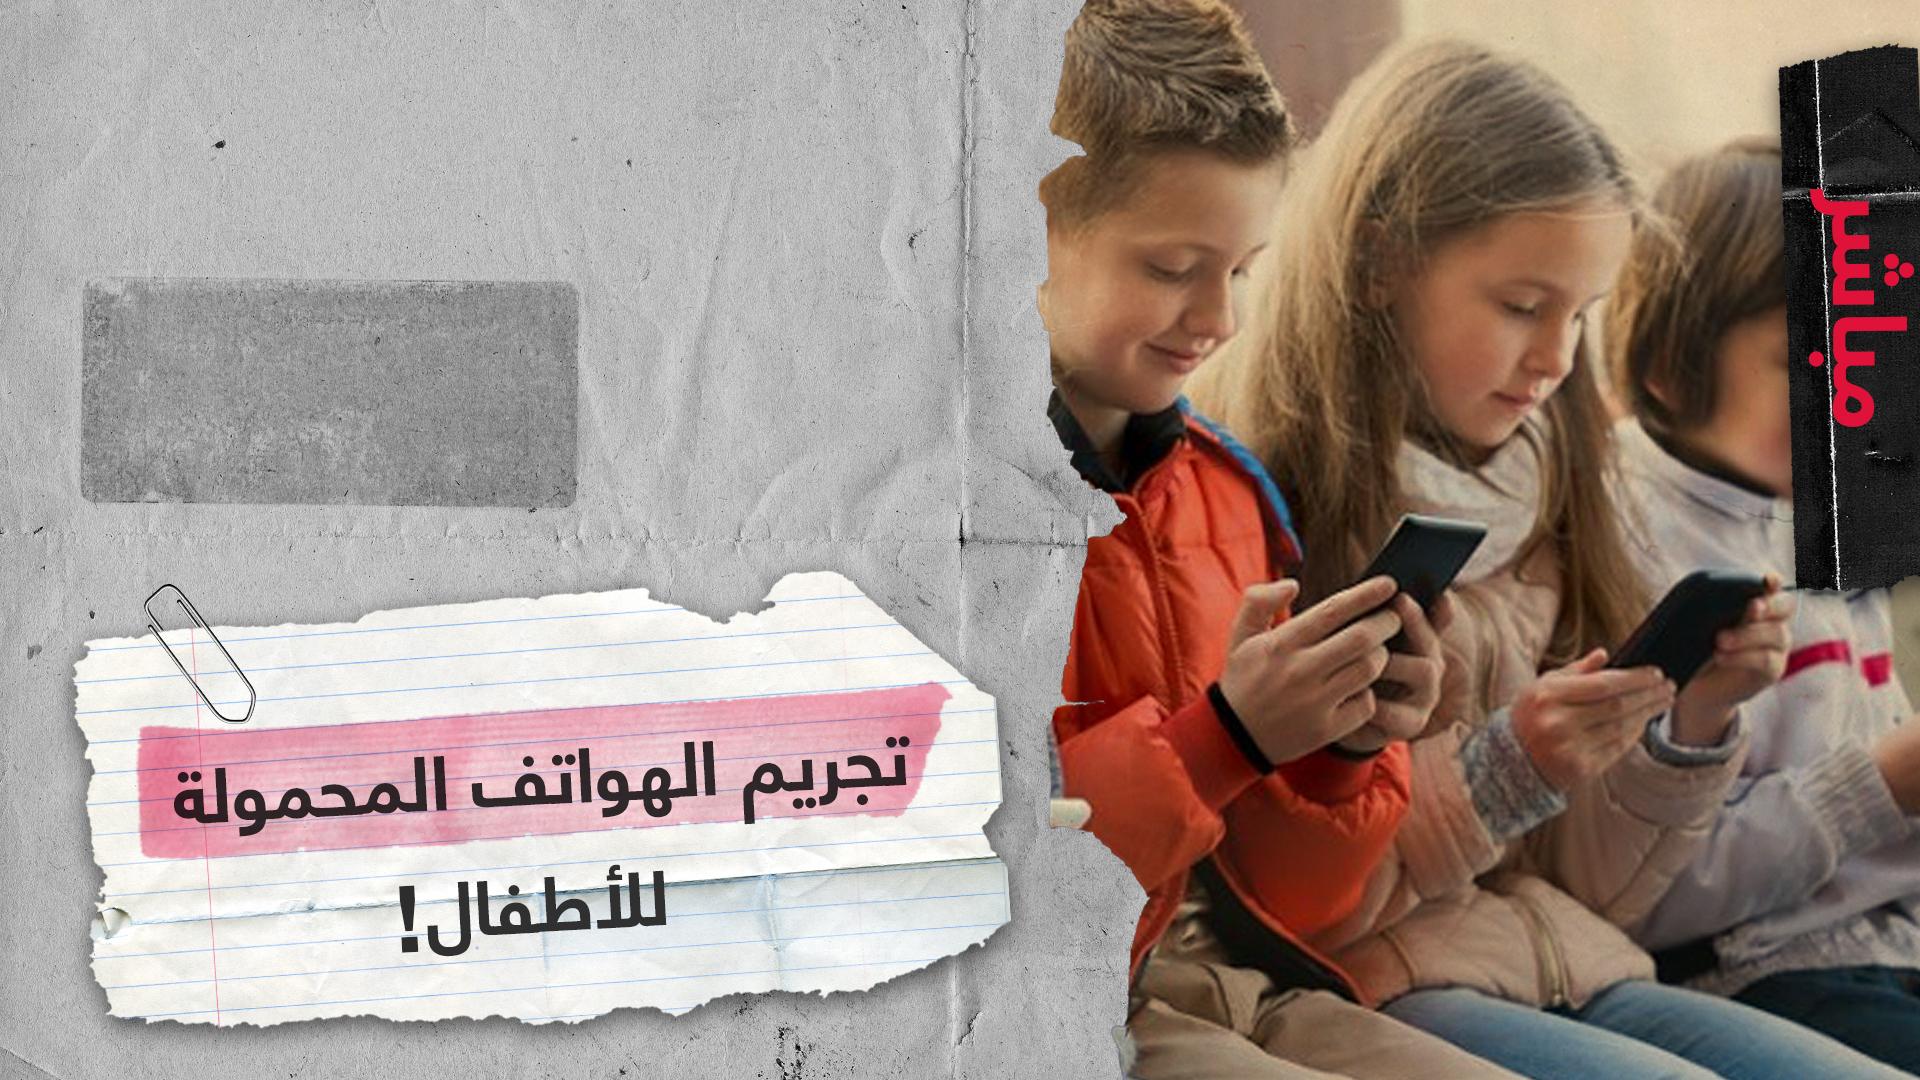 الأطفال والهواتف المحمولة.. هل نحتاج للقانون لحمايتهم؟